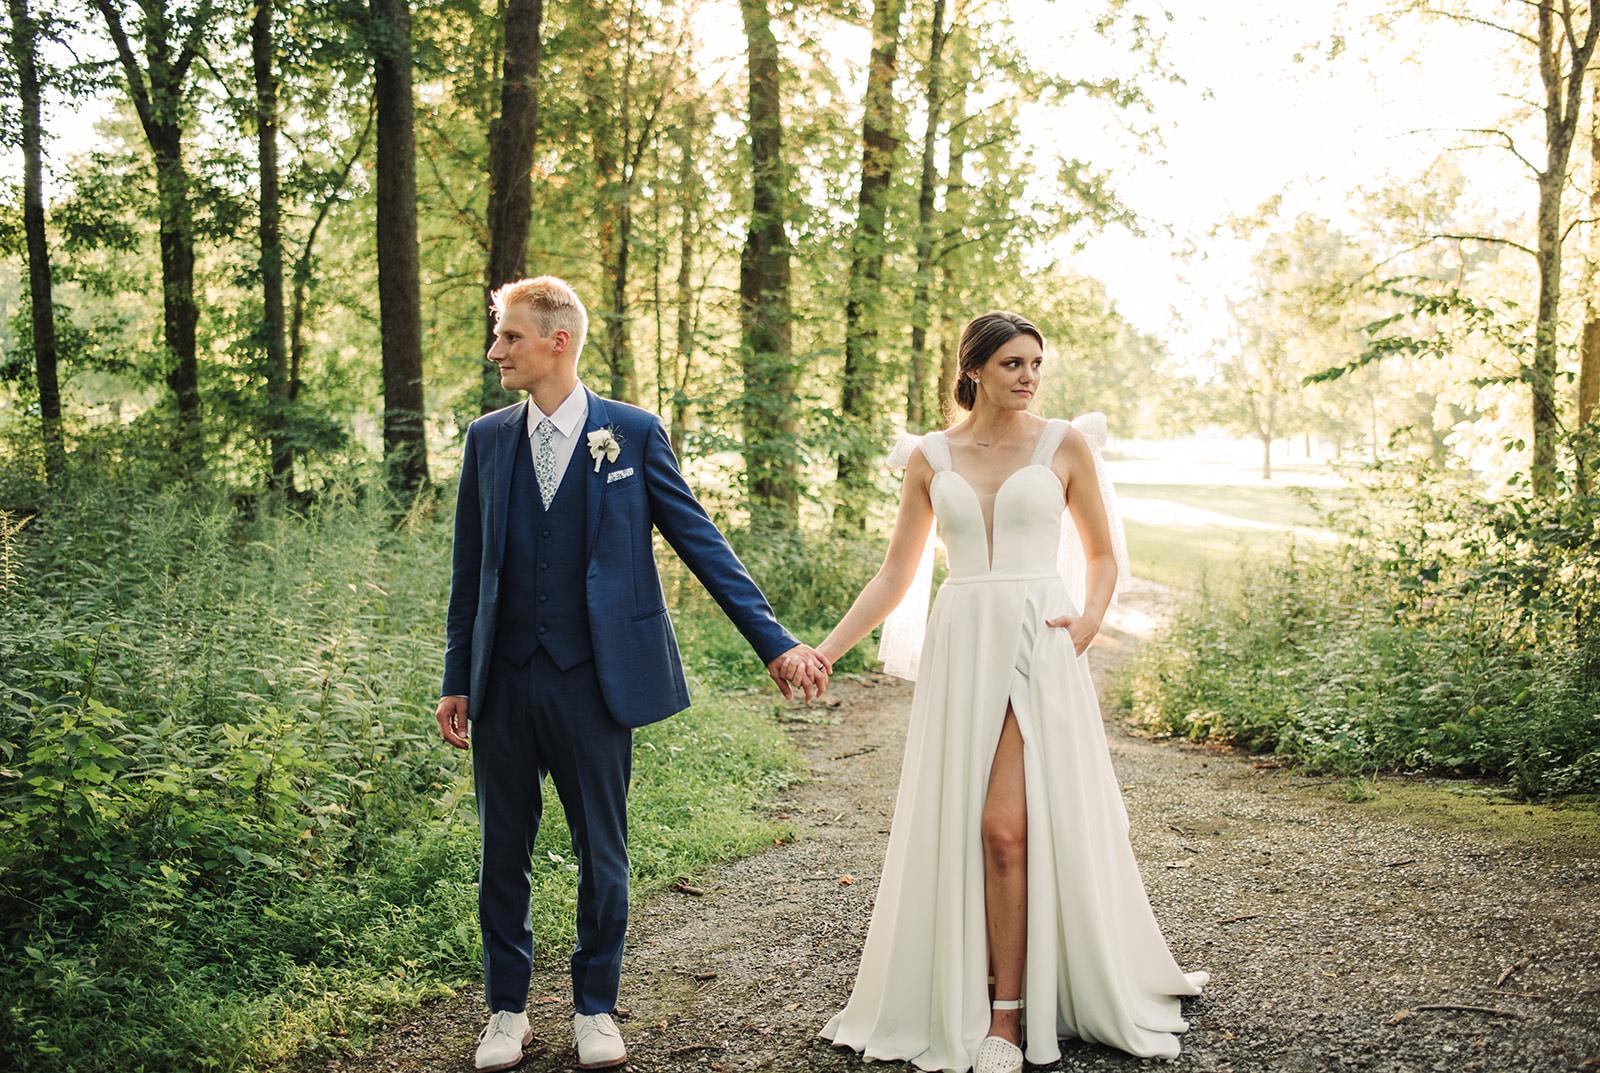 aline wedding dress with a slit